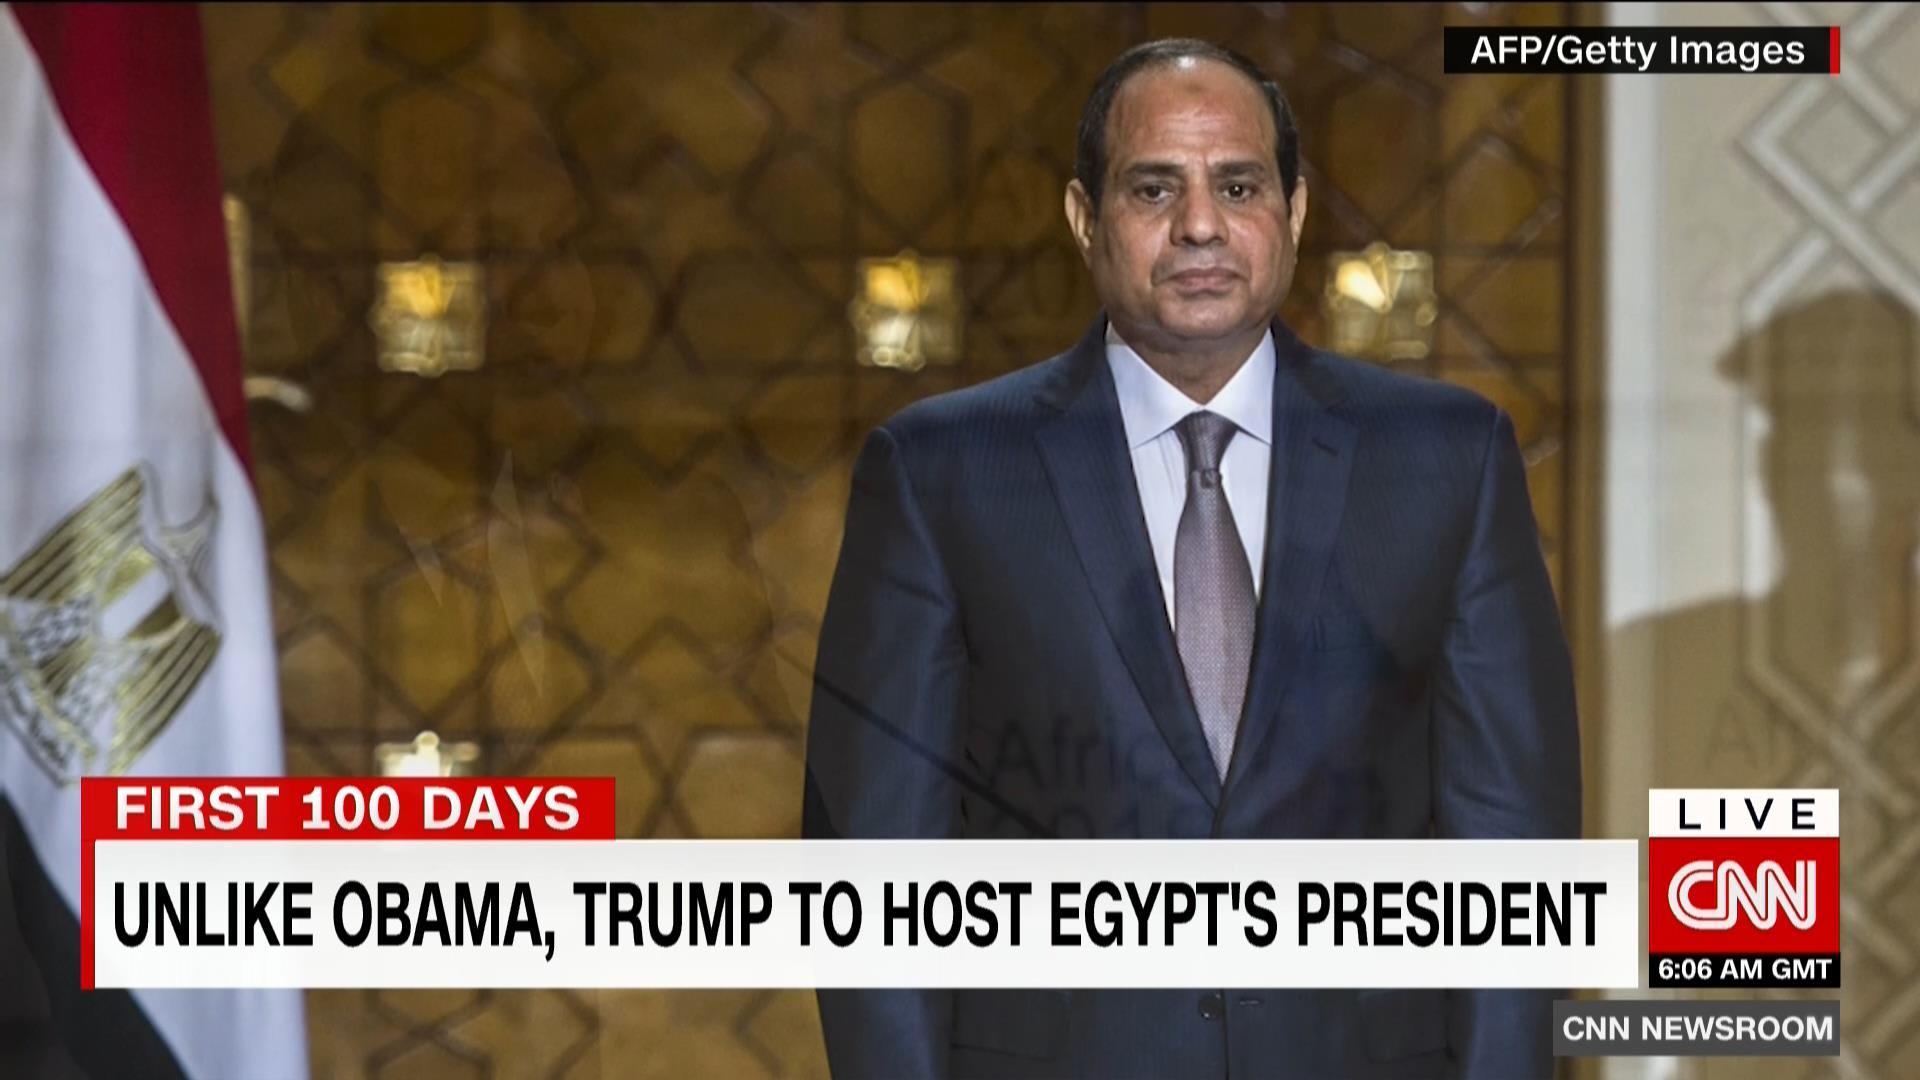 بين ترامب وأوباما وبوش.. هكذا اختلف تعامل أمريكا مع مصر